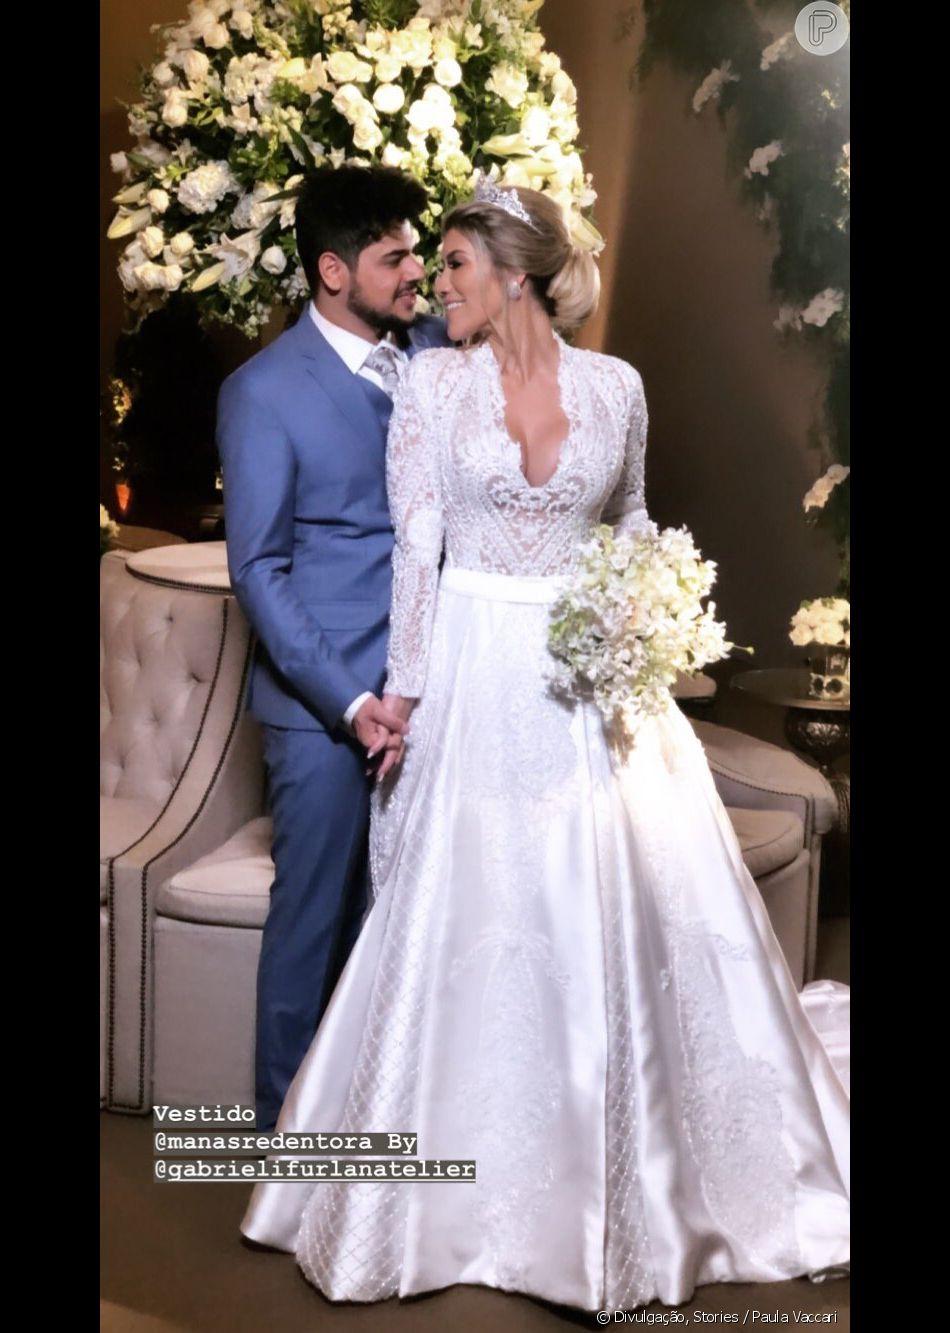 Sertanejo Cristiano, dupla de Zé Neto, se casa com Paula Vaccari